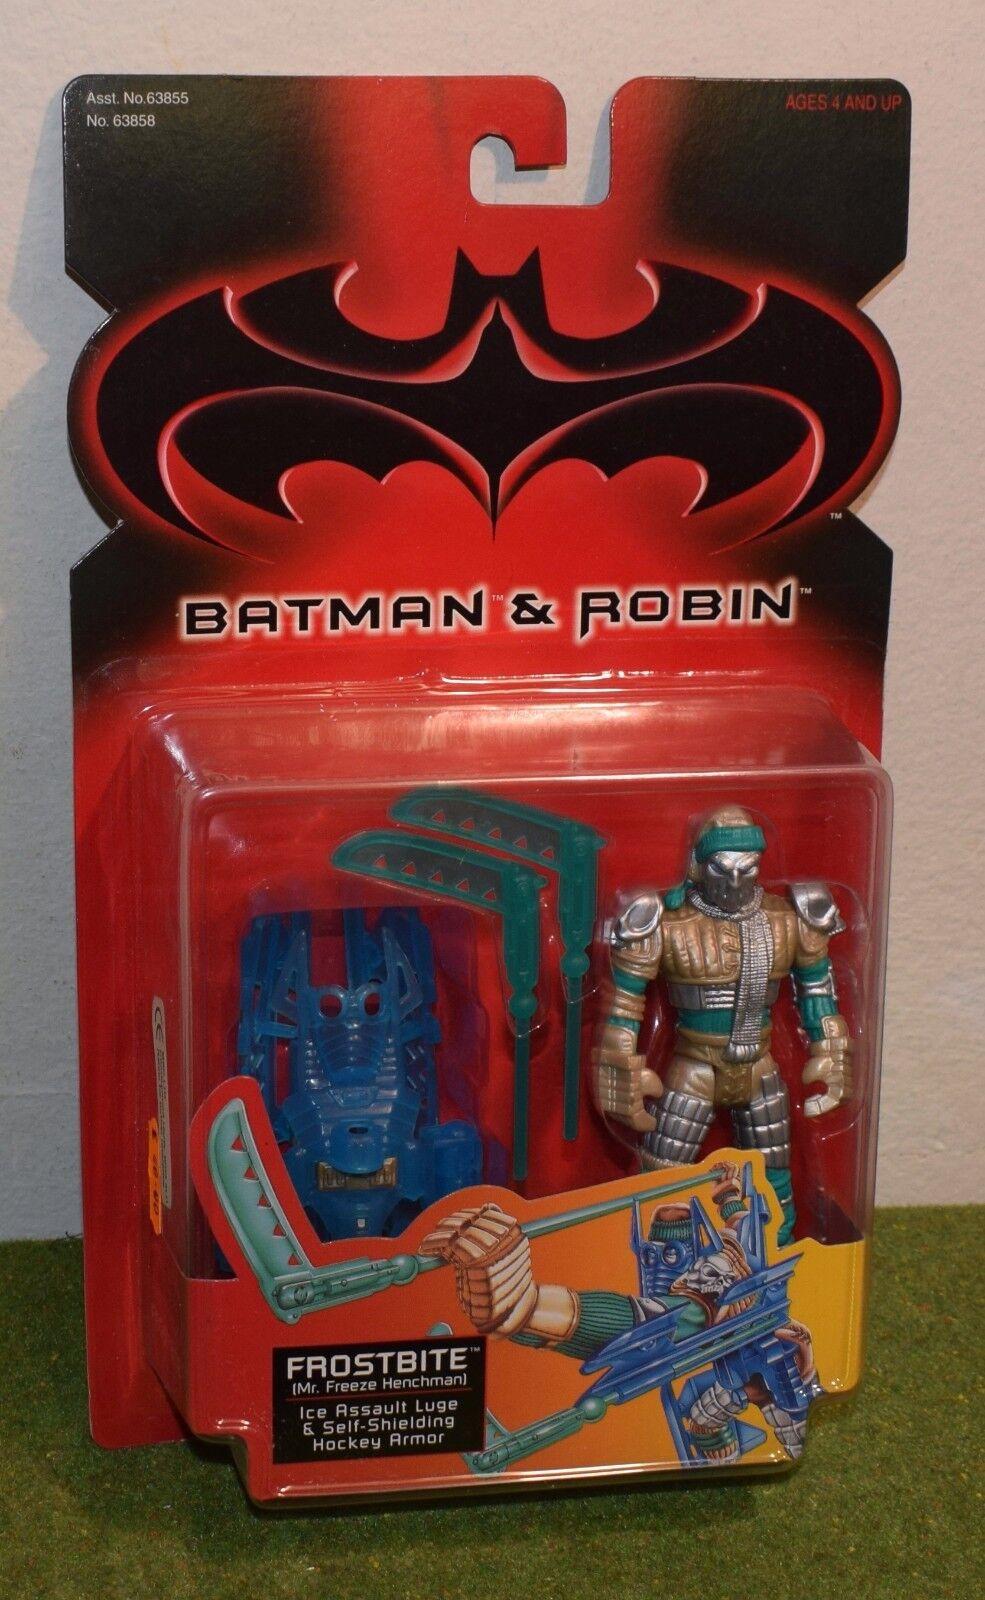 Kenner batman & robin erfrierungen (herr einfrieren handlanger) action - figur